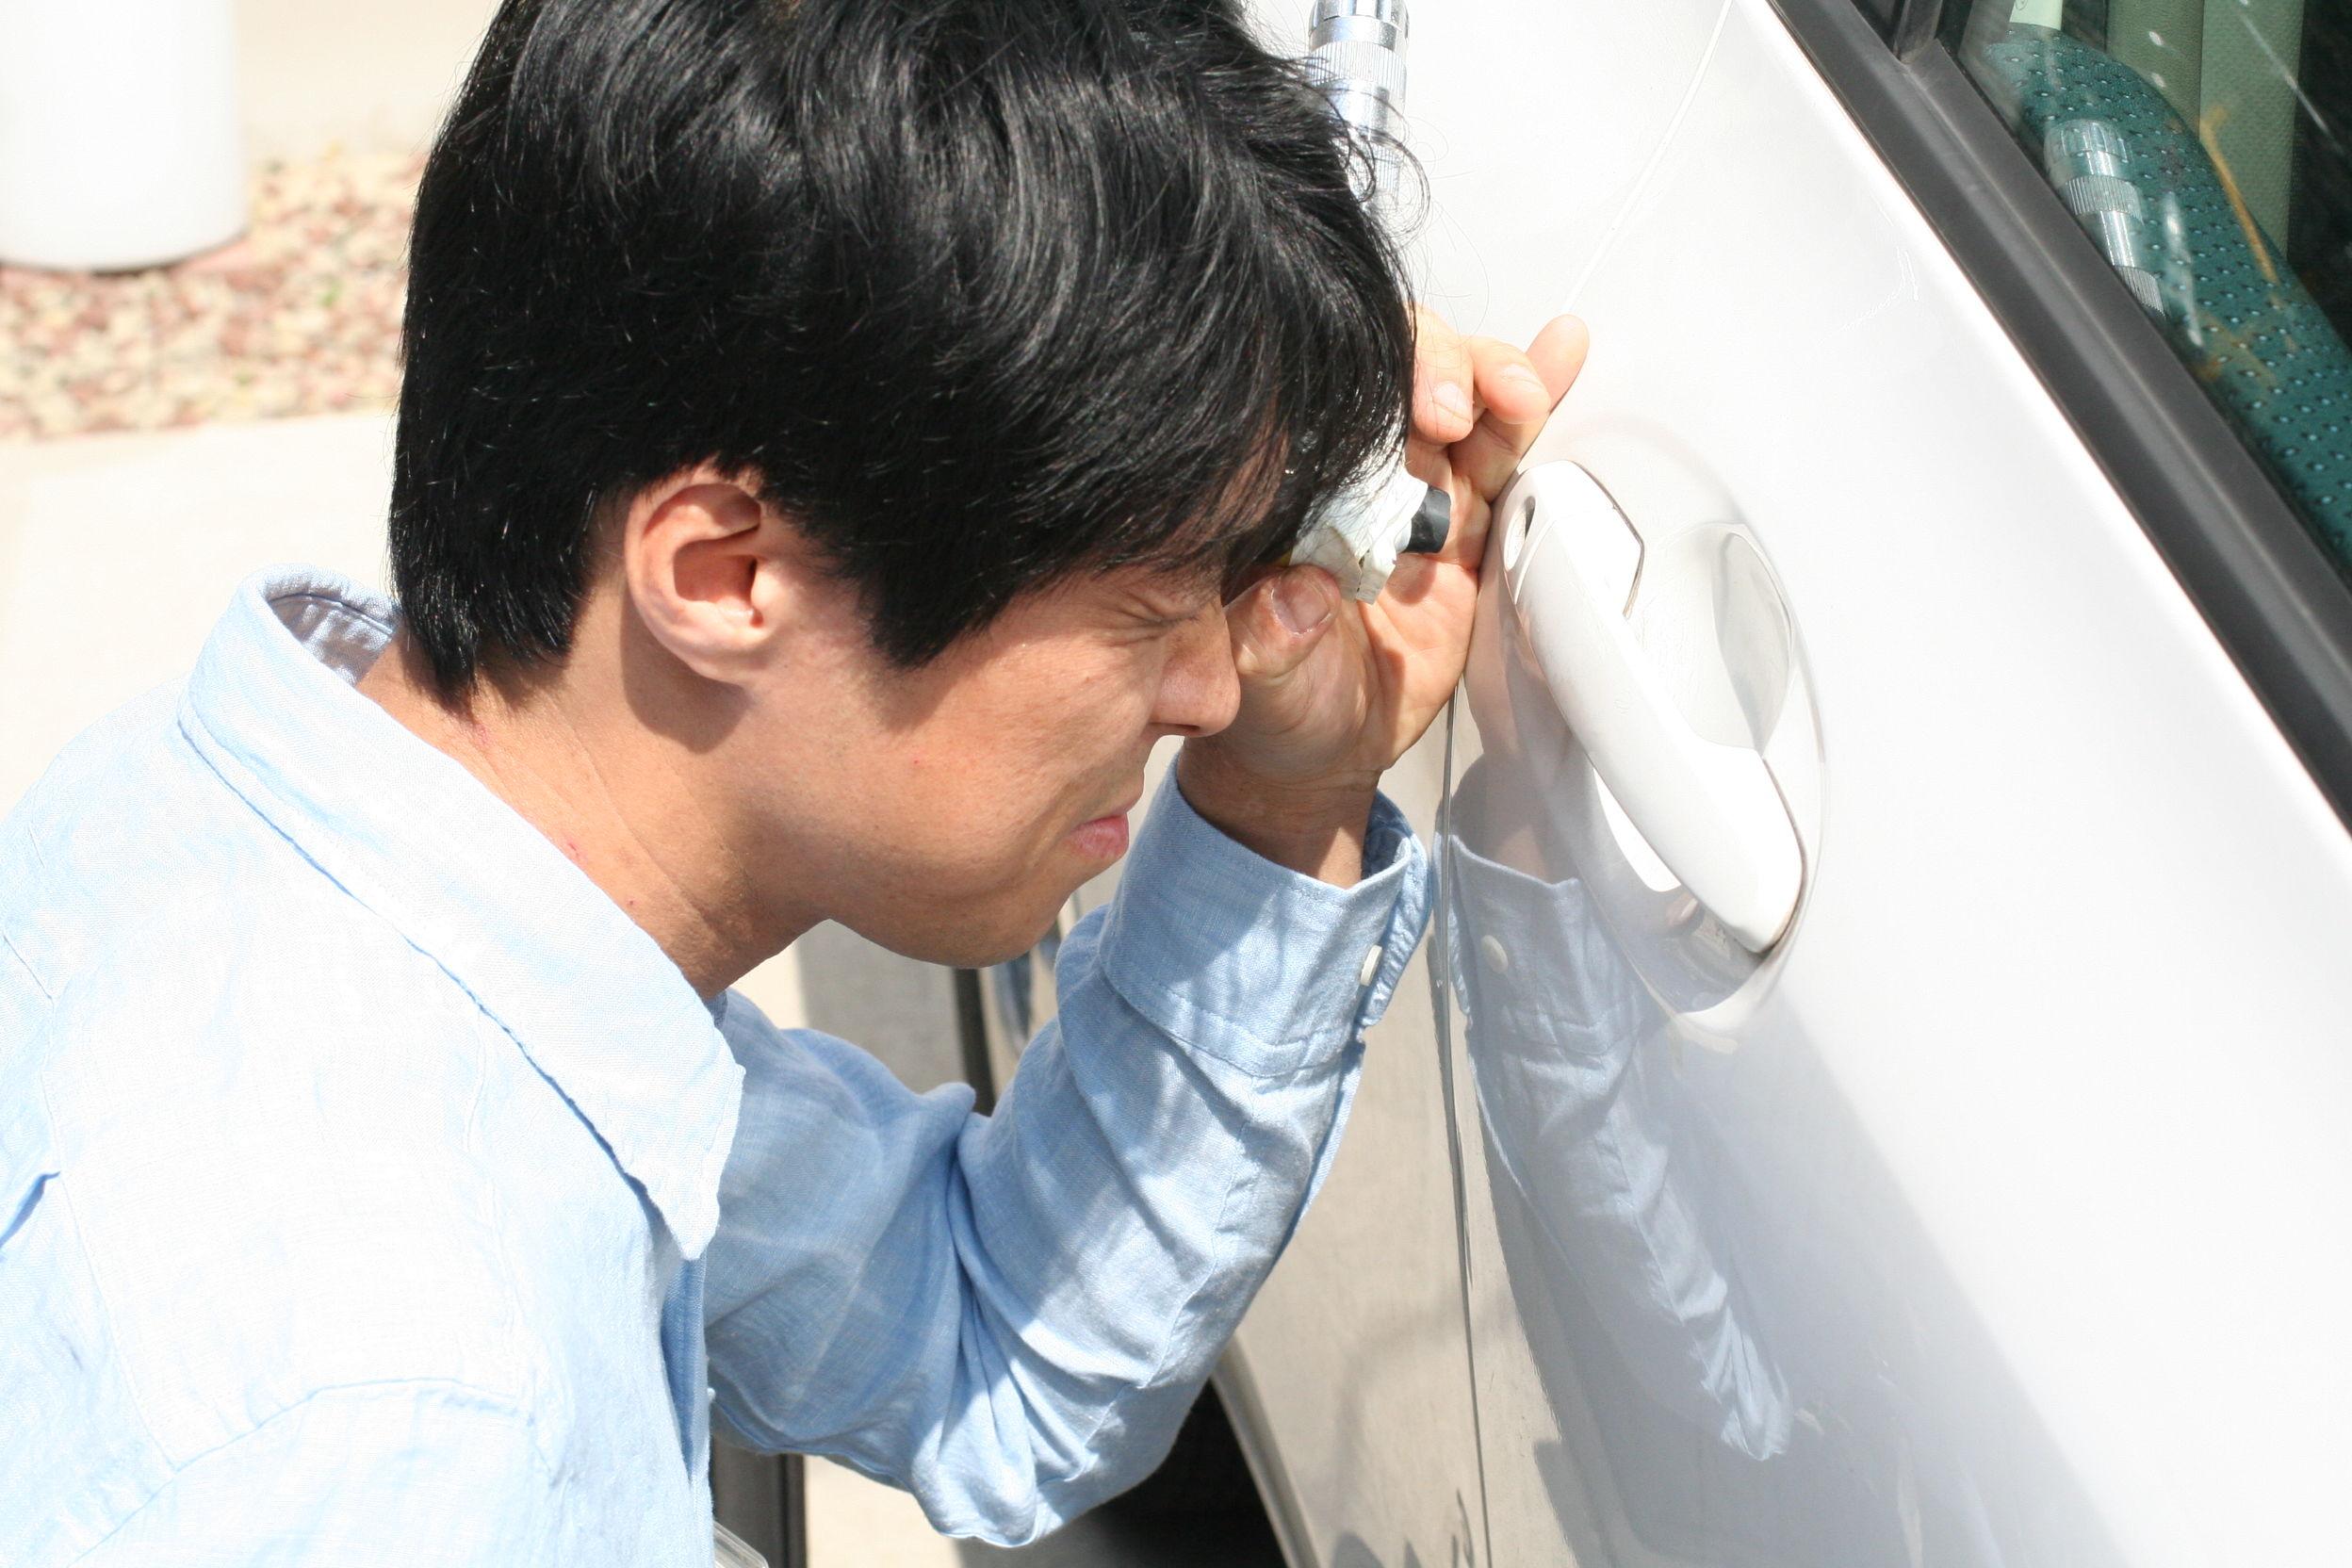 カギのトラブル救Q隊.24【東松島市 出張エリア】のメイン画像